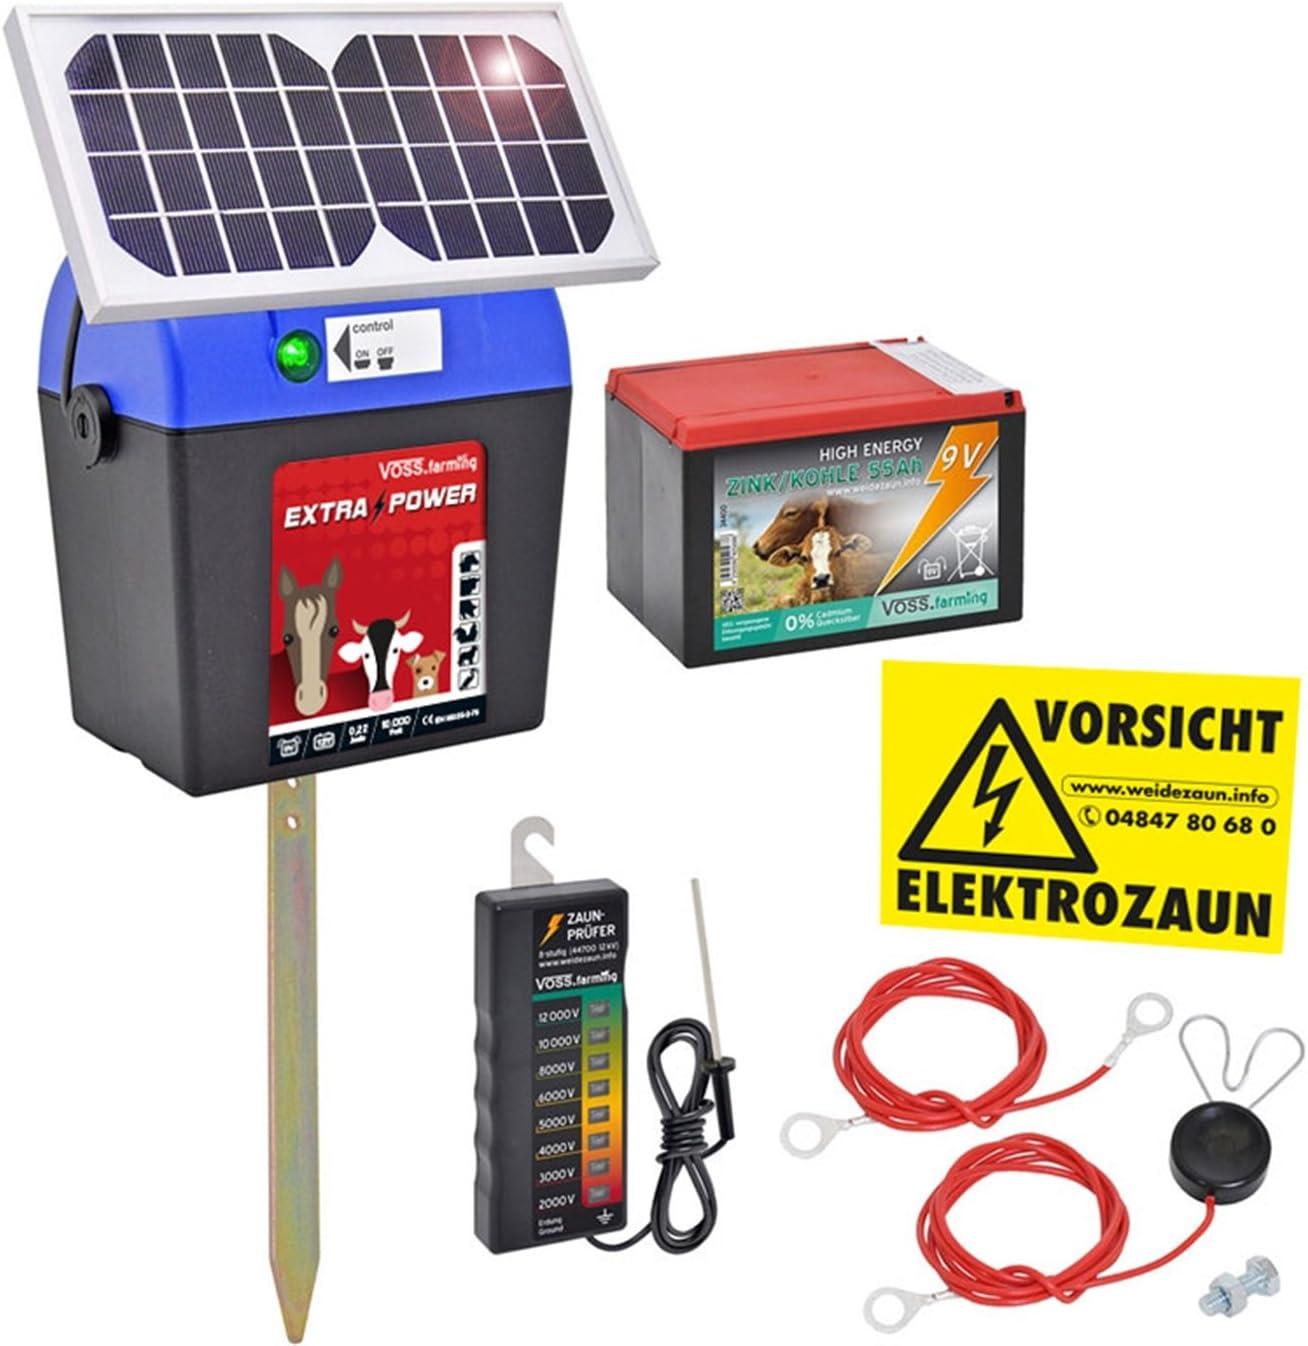 vers/átil y Potente Electrificador de cercados 230V Voss.farming Pastor el/éctrico V70